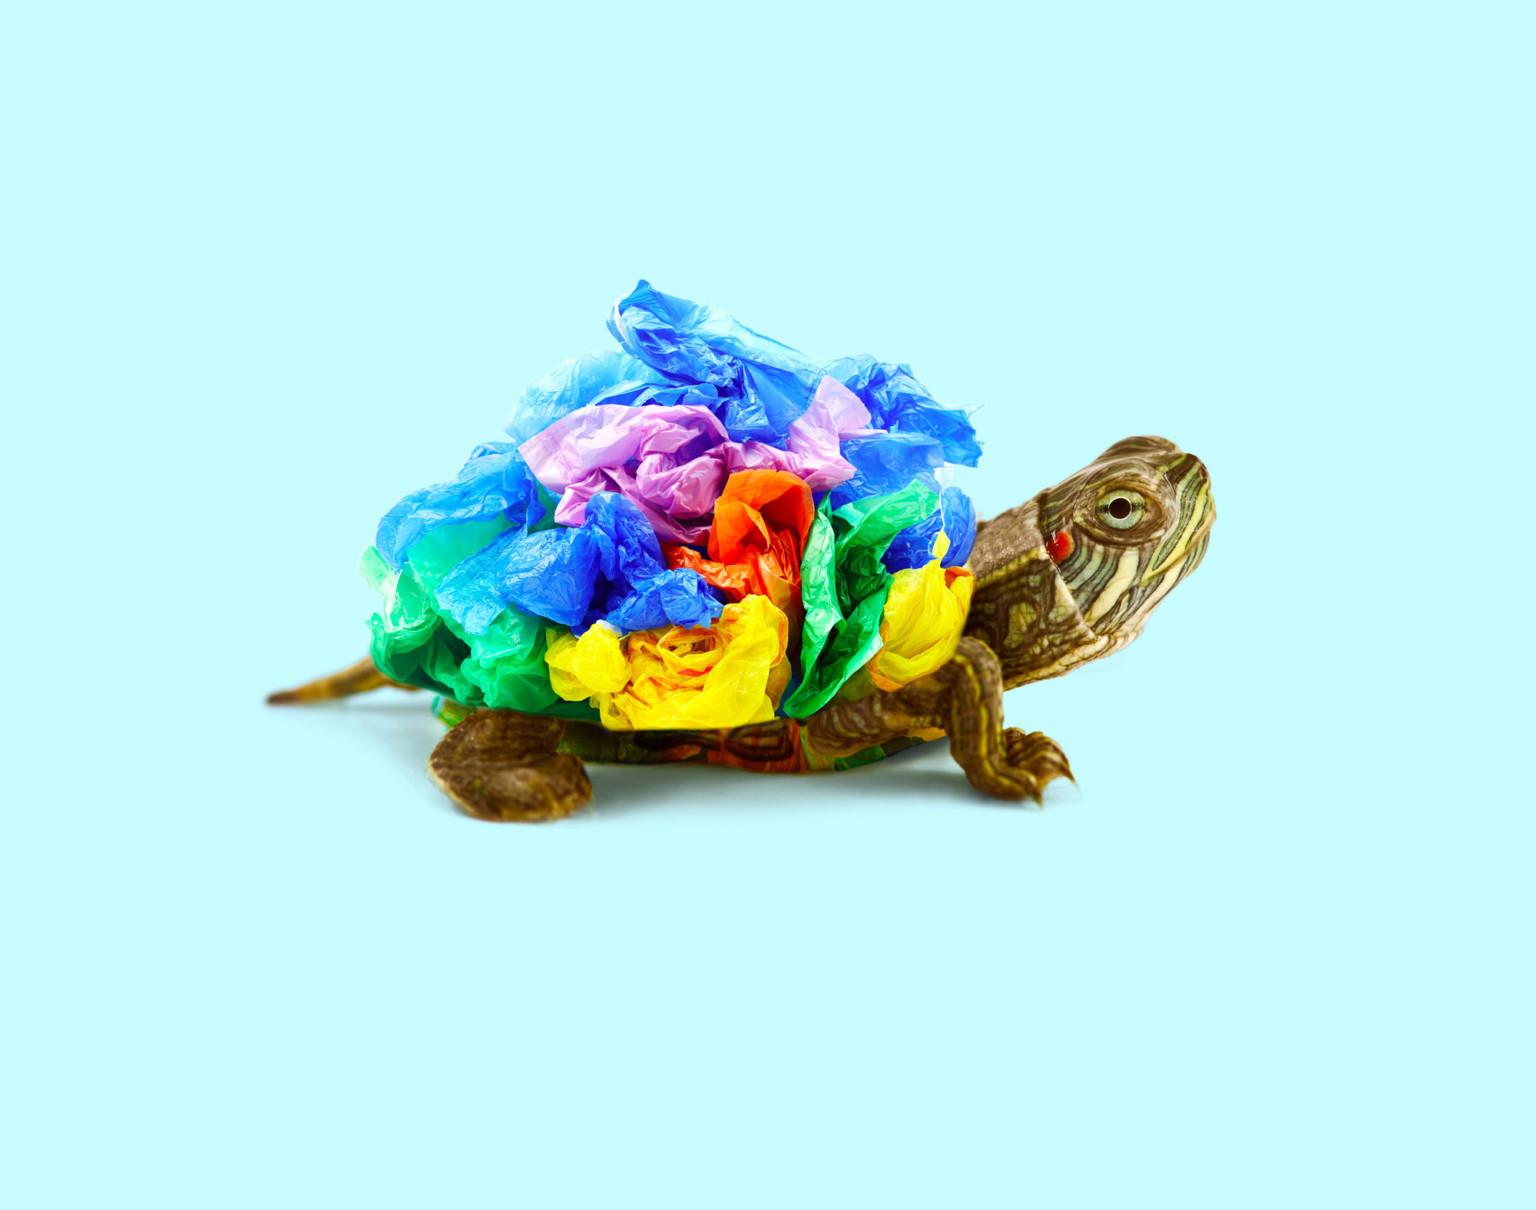 trash-turtle-768x605@2x